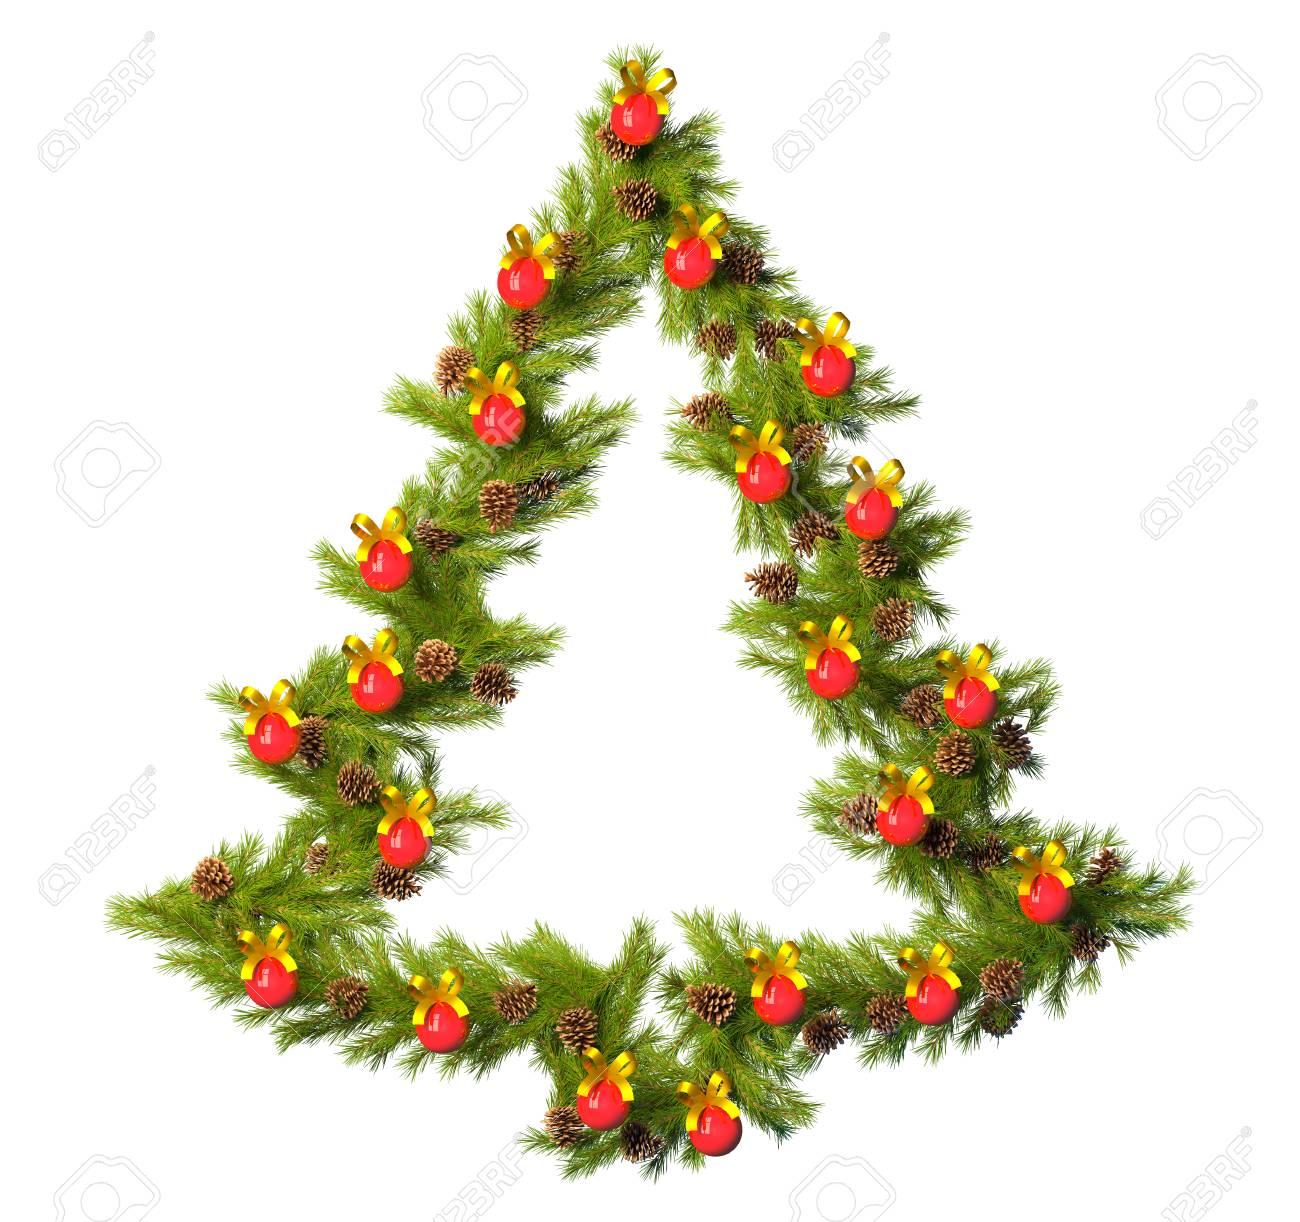 Estrellas De Navidad Para Decorar.Corona De Navidad Con Forma De Estrella De Navidad Aislado En Blanco Para Decorar Su Habitacion En La Vispera De Ano Nuevo